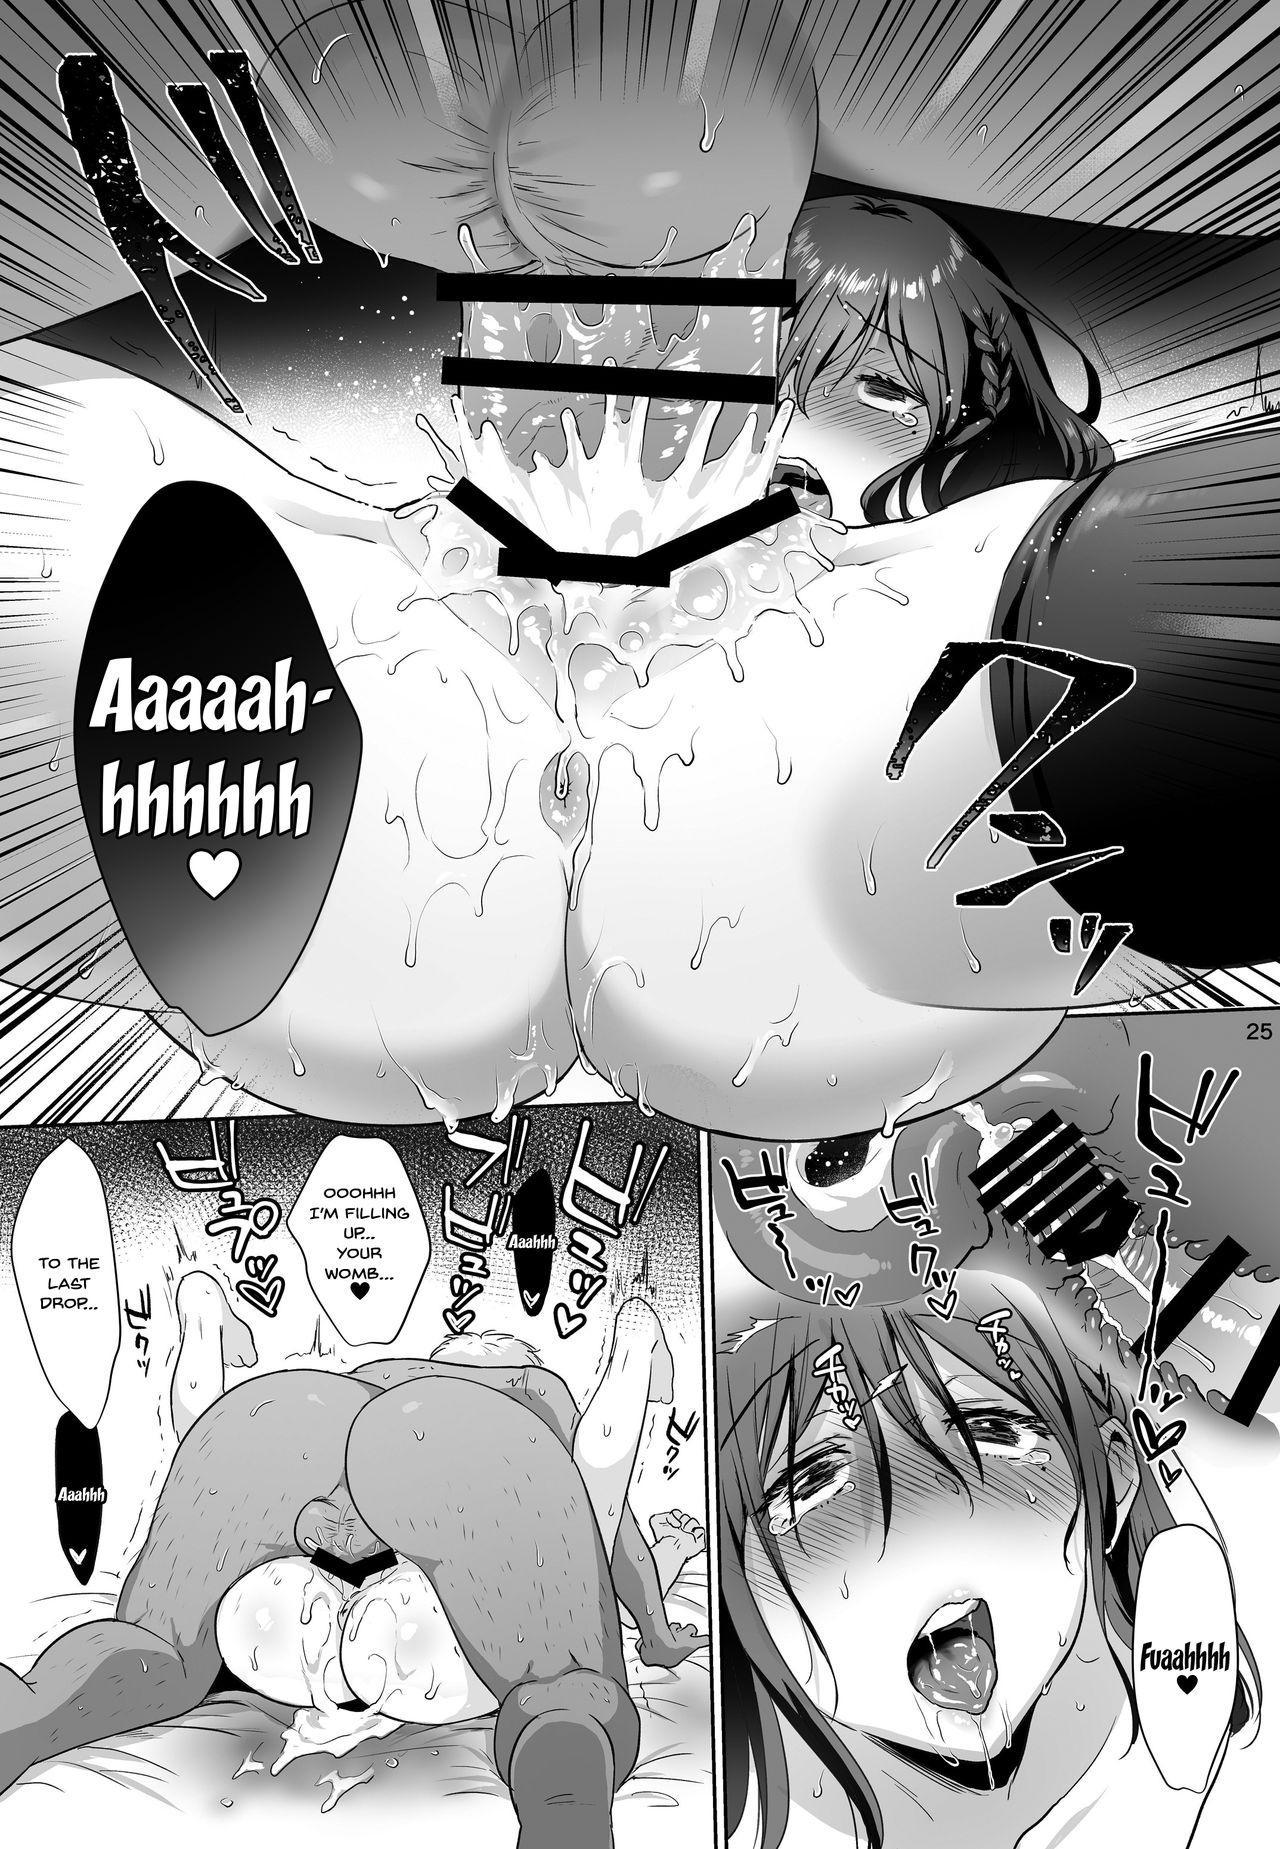 Toshoshitsu no Kanojo 23